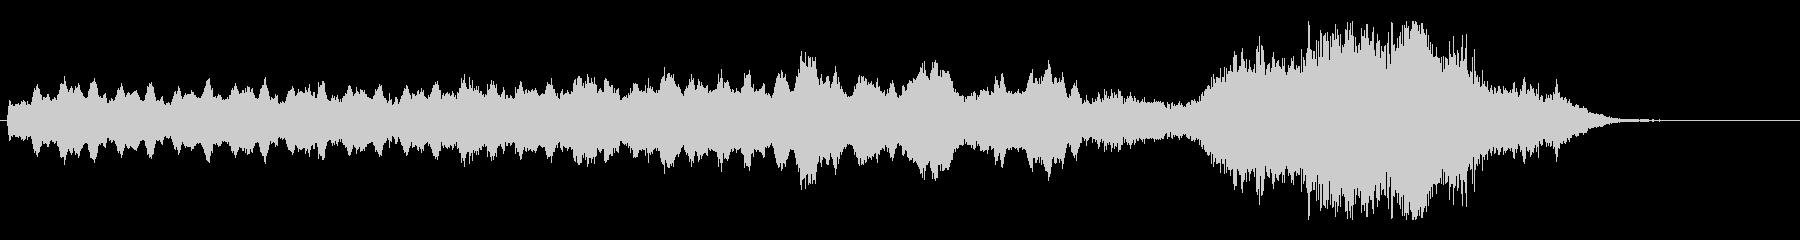 不気味な雰囲気のシンセ曲の未再生の波形